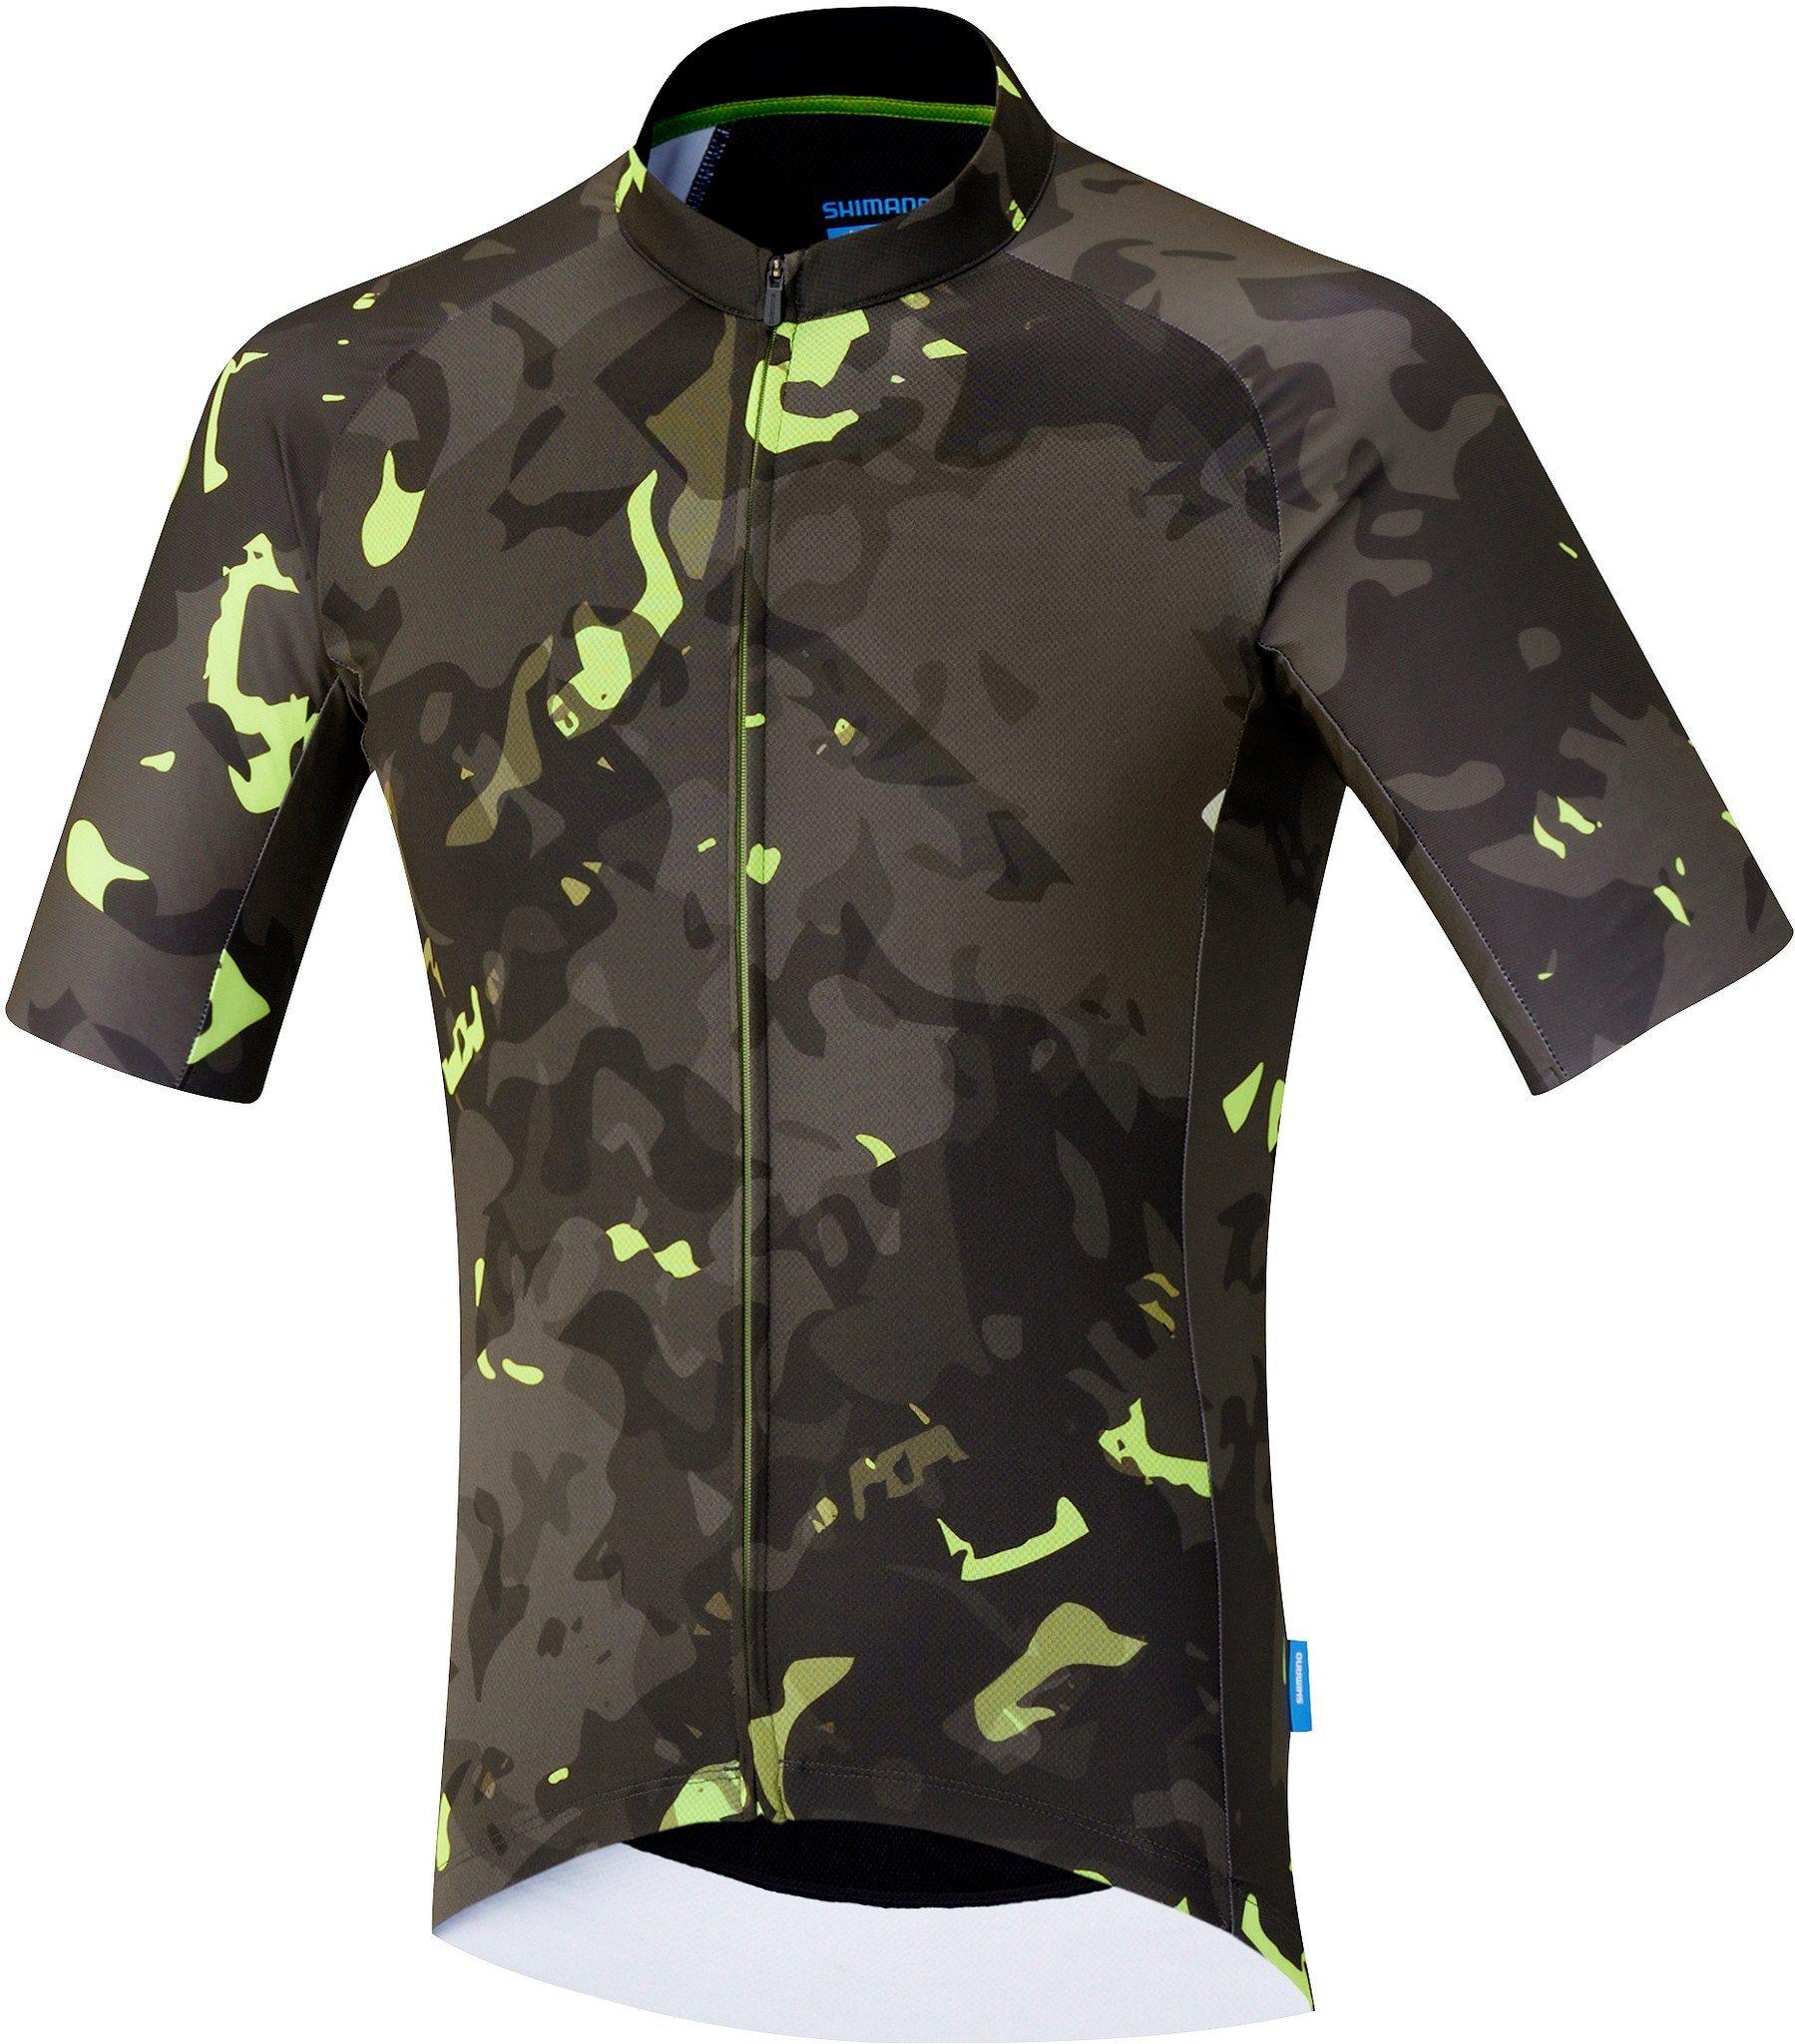 shimano Sonstige Shirts für Herren online kaufen | Herrenmode ...